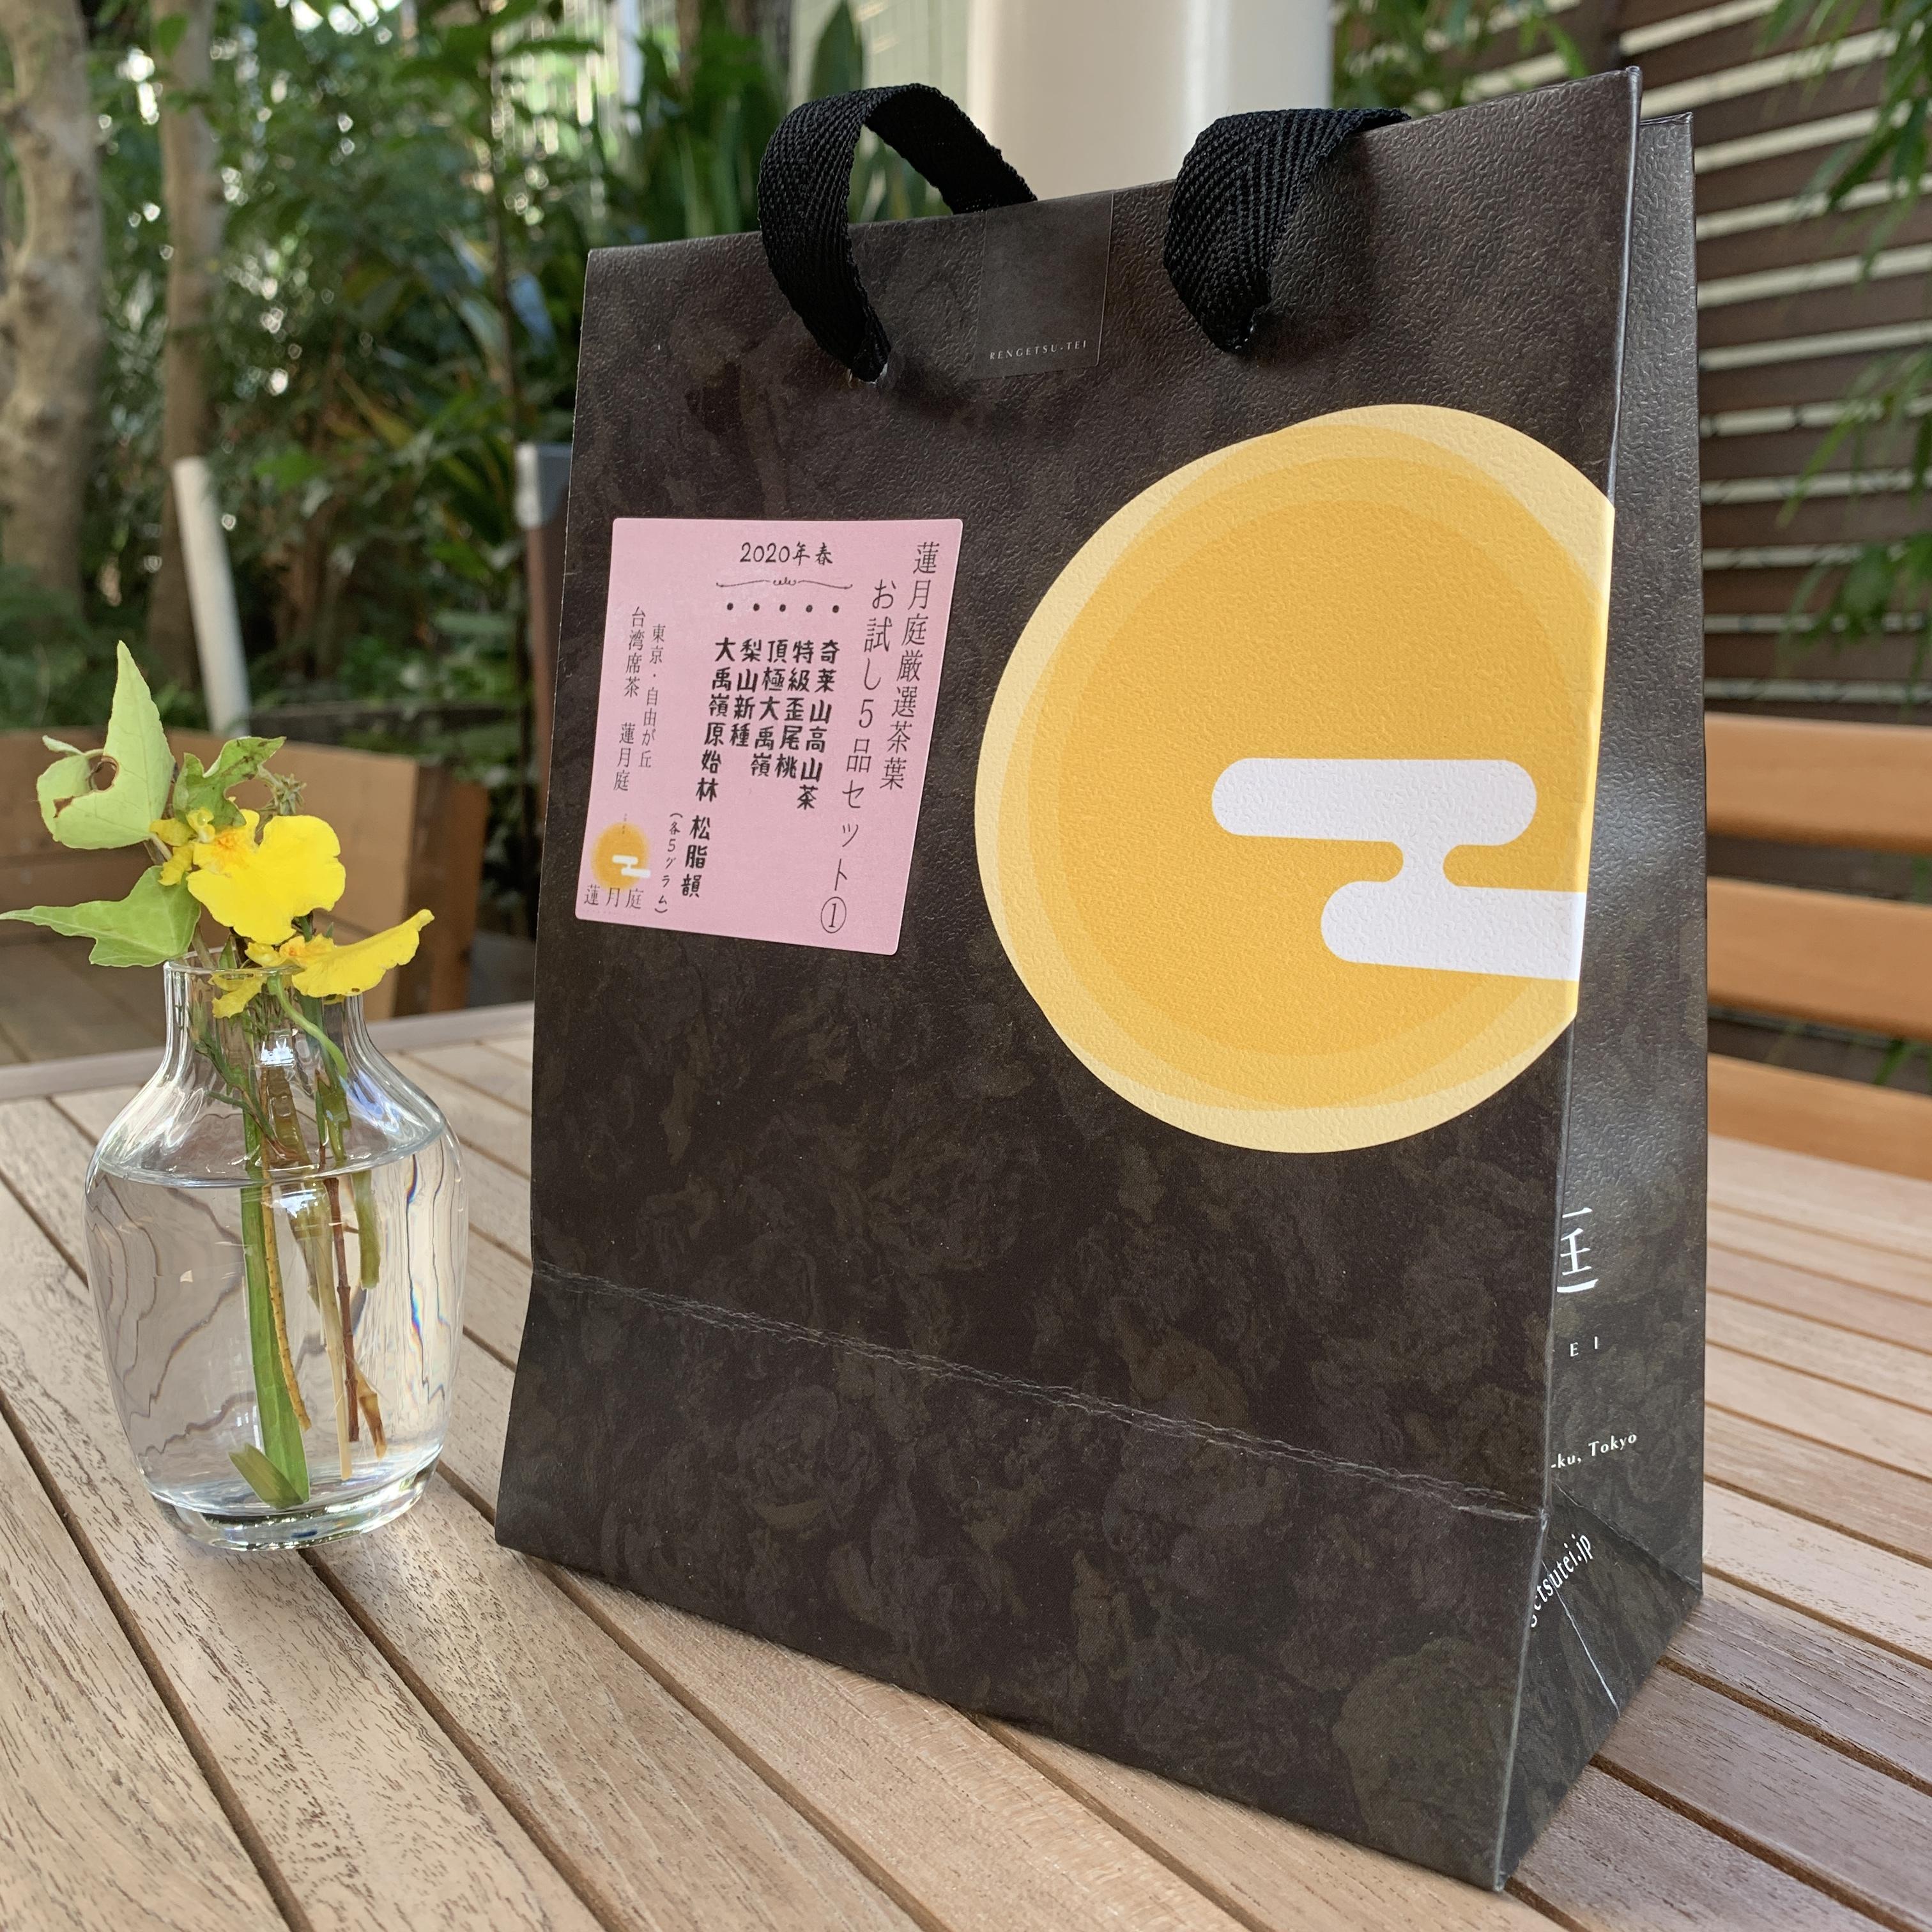 蓮月庭厳選茶葉 【2020年春】お試し5品セット(1)